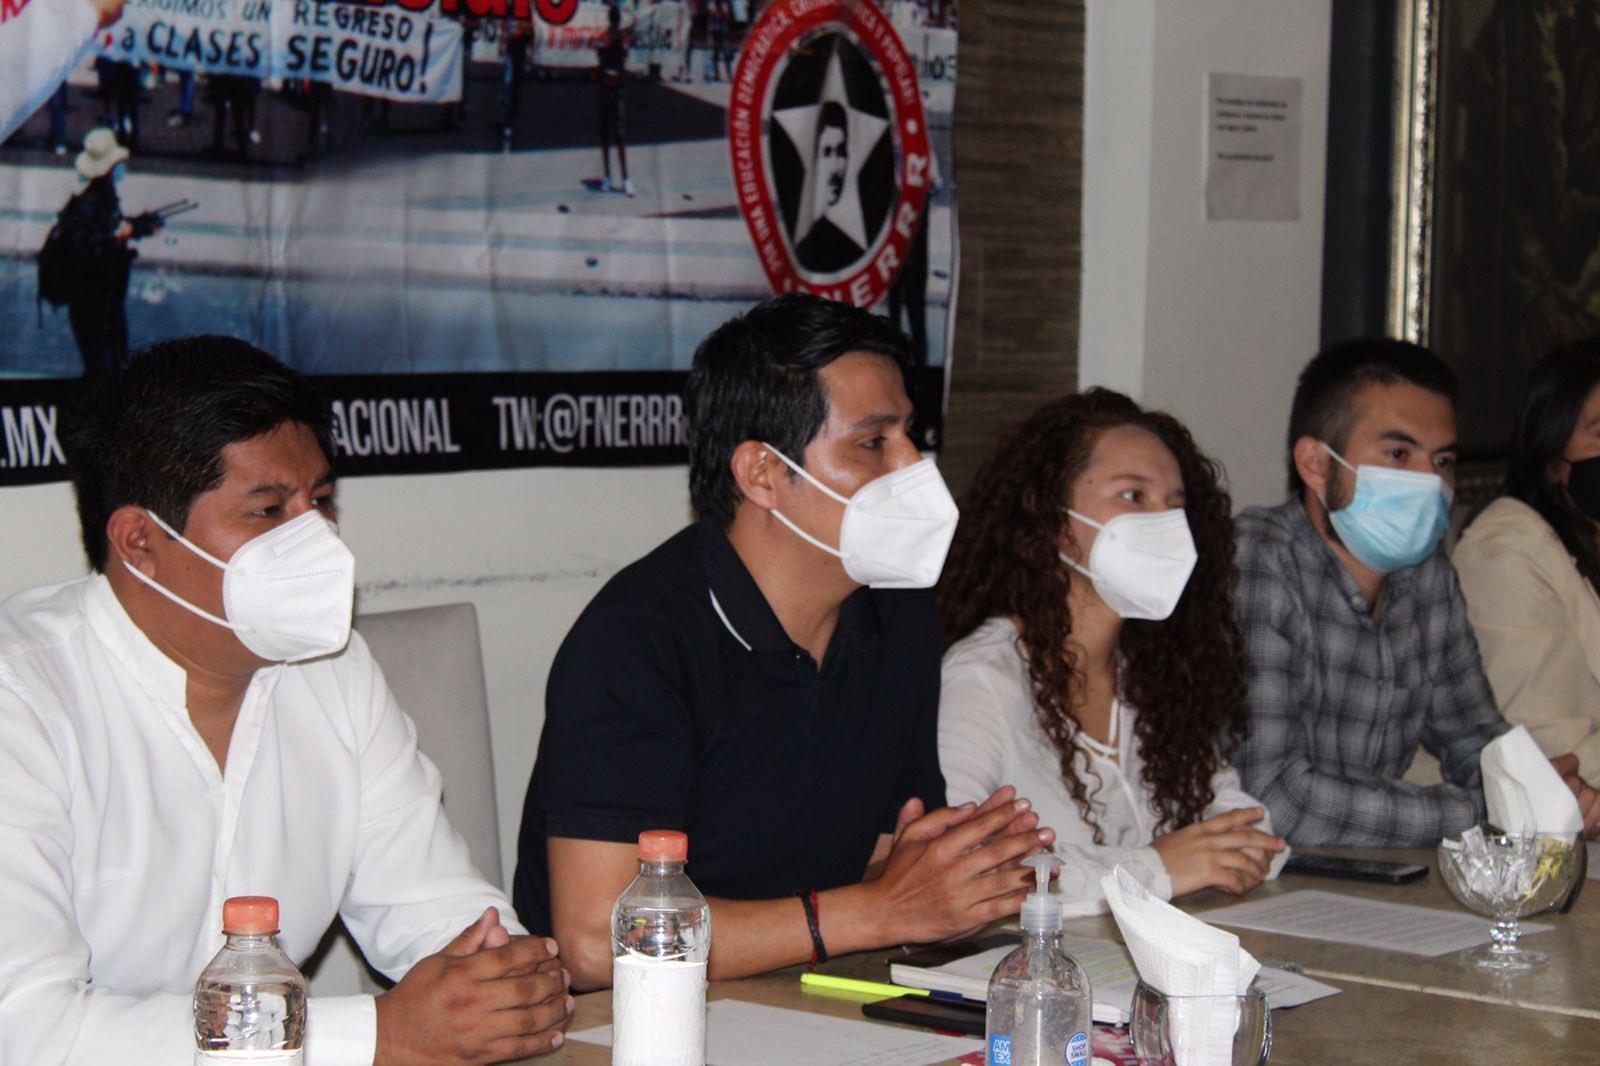 Integrantes de la Fnerrr exigiendo la vacuna contra la Covid-19